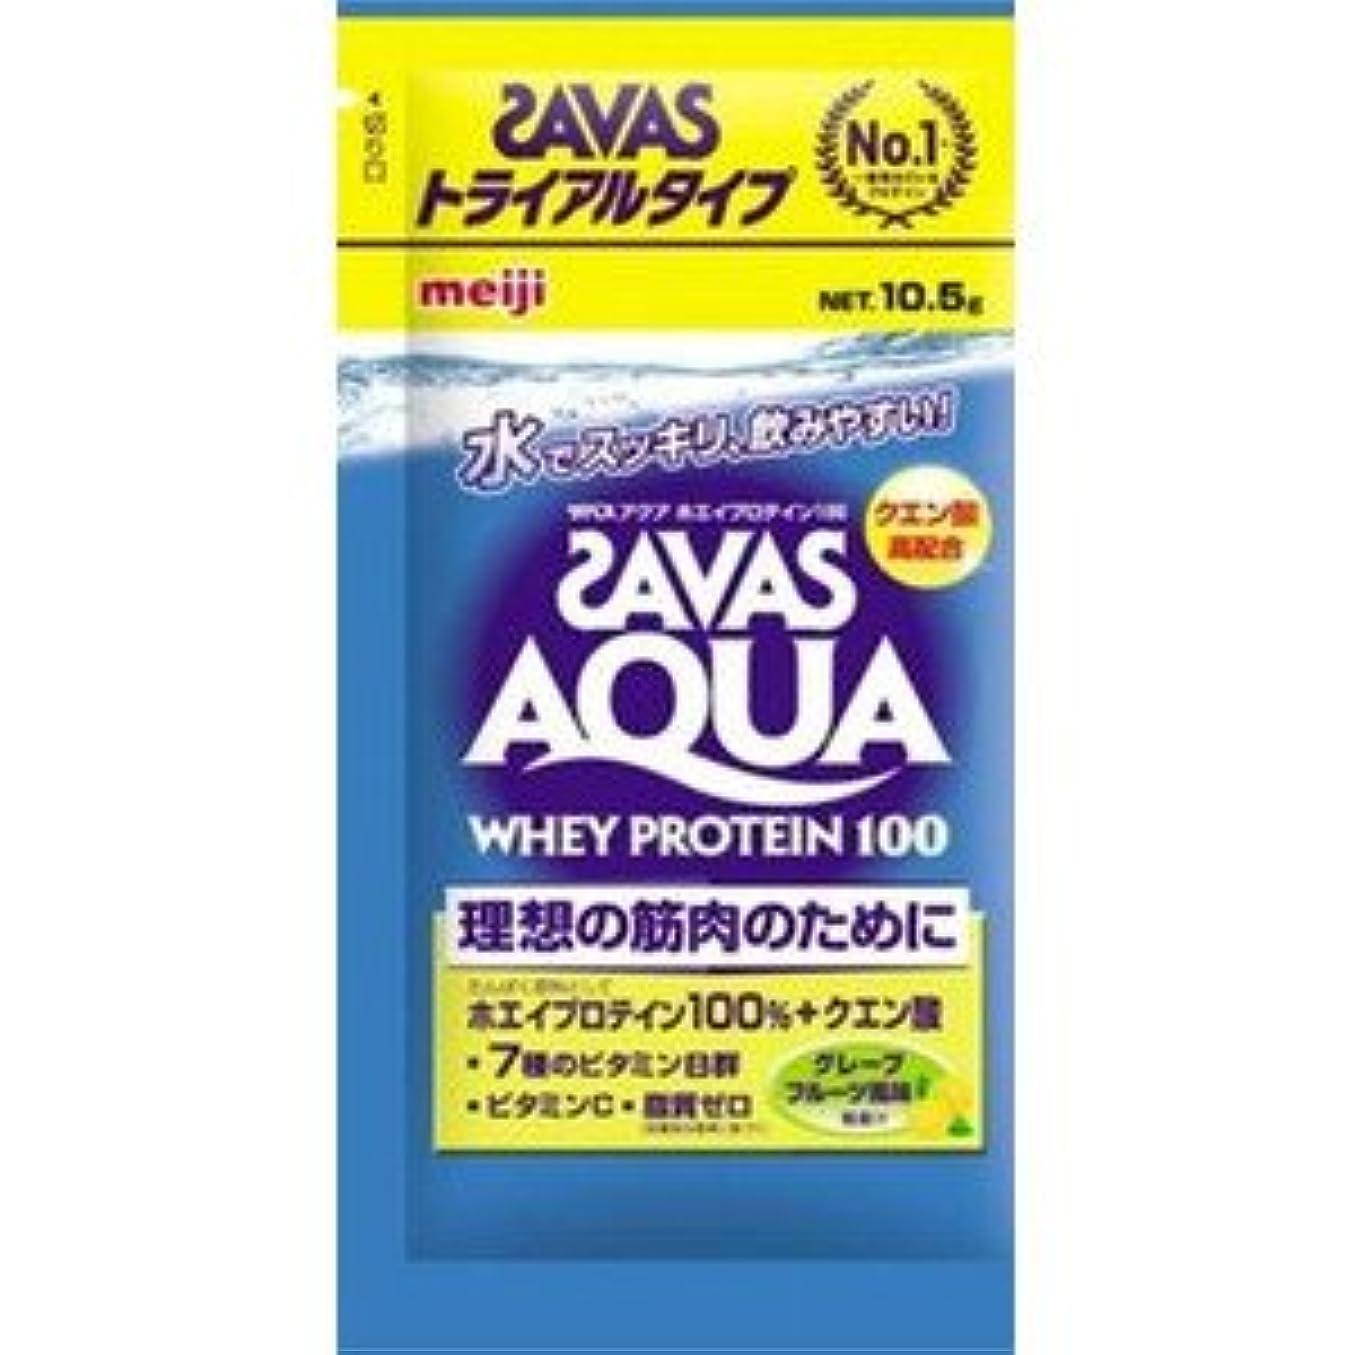 場合乳製品ベギン(ロート製薬)肌研 極潤ヒアルロン洗顔フォーム 100g(お買い得3本セット)